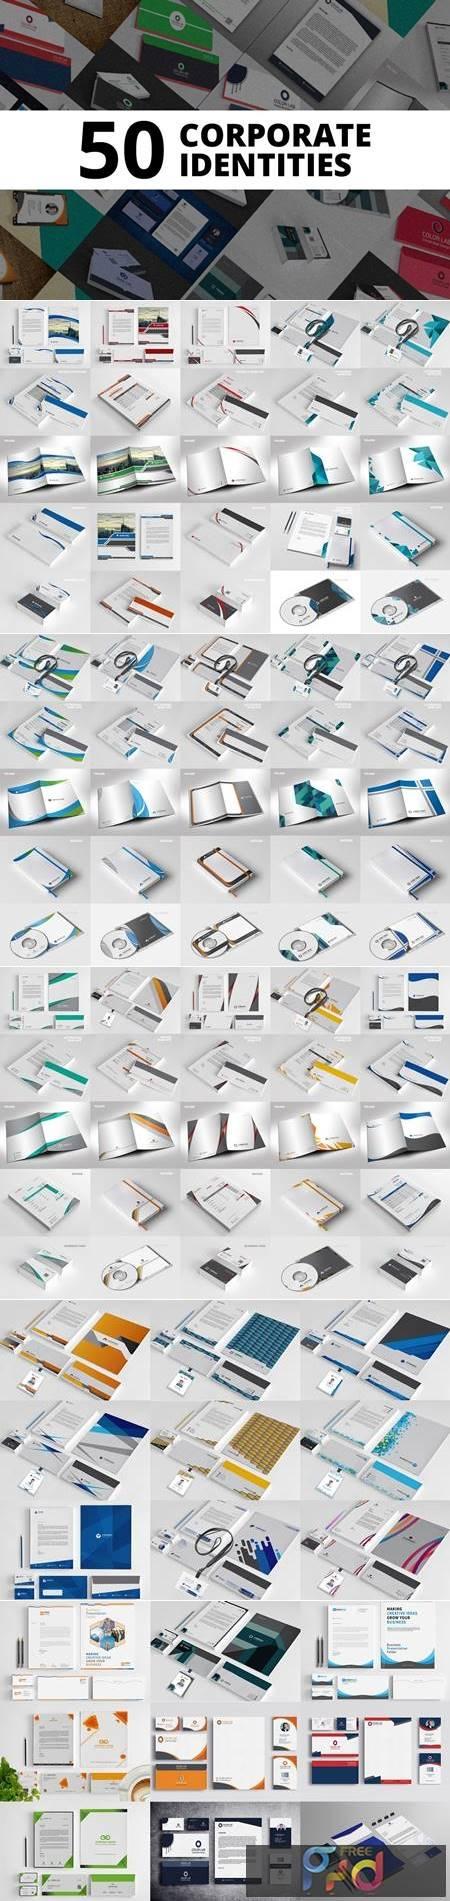 50 Corporate Identities Bundle 4432899 1